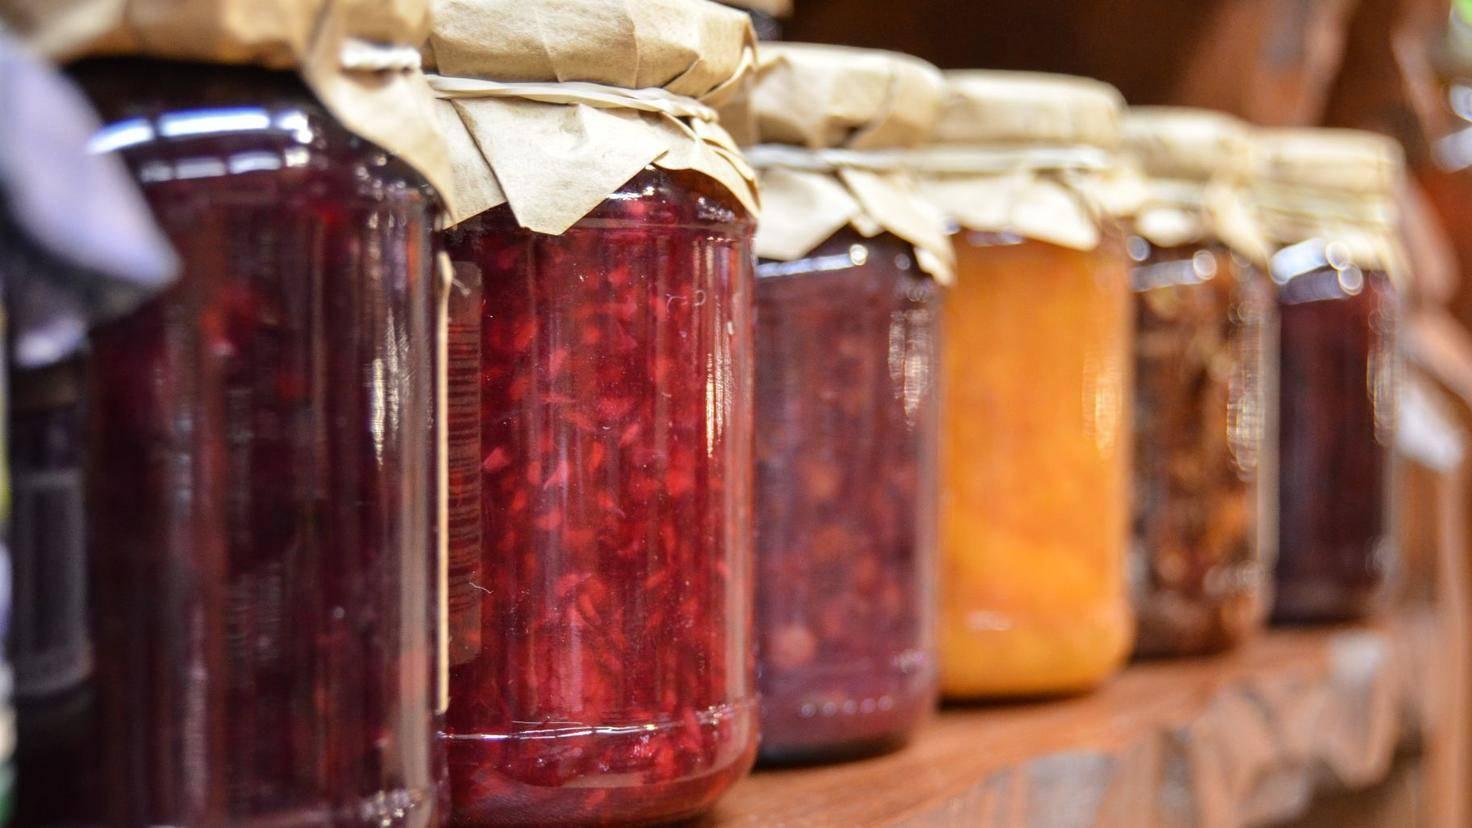 Lange Haltbares wie Marmelade wird am besten im obersten Fach gelagert.